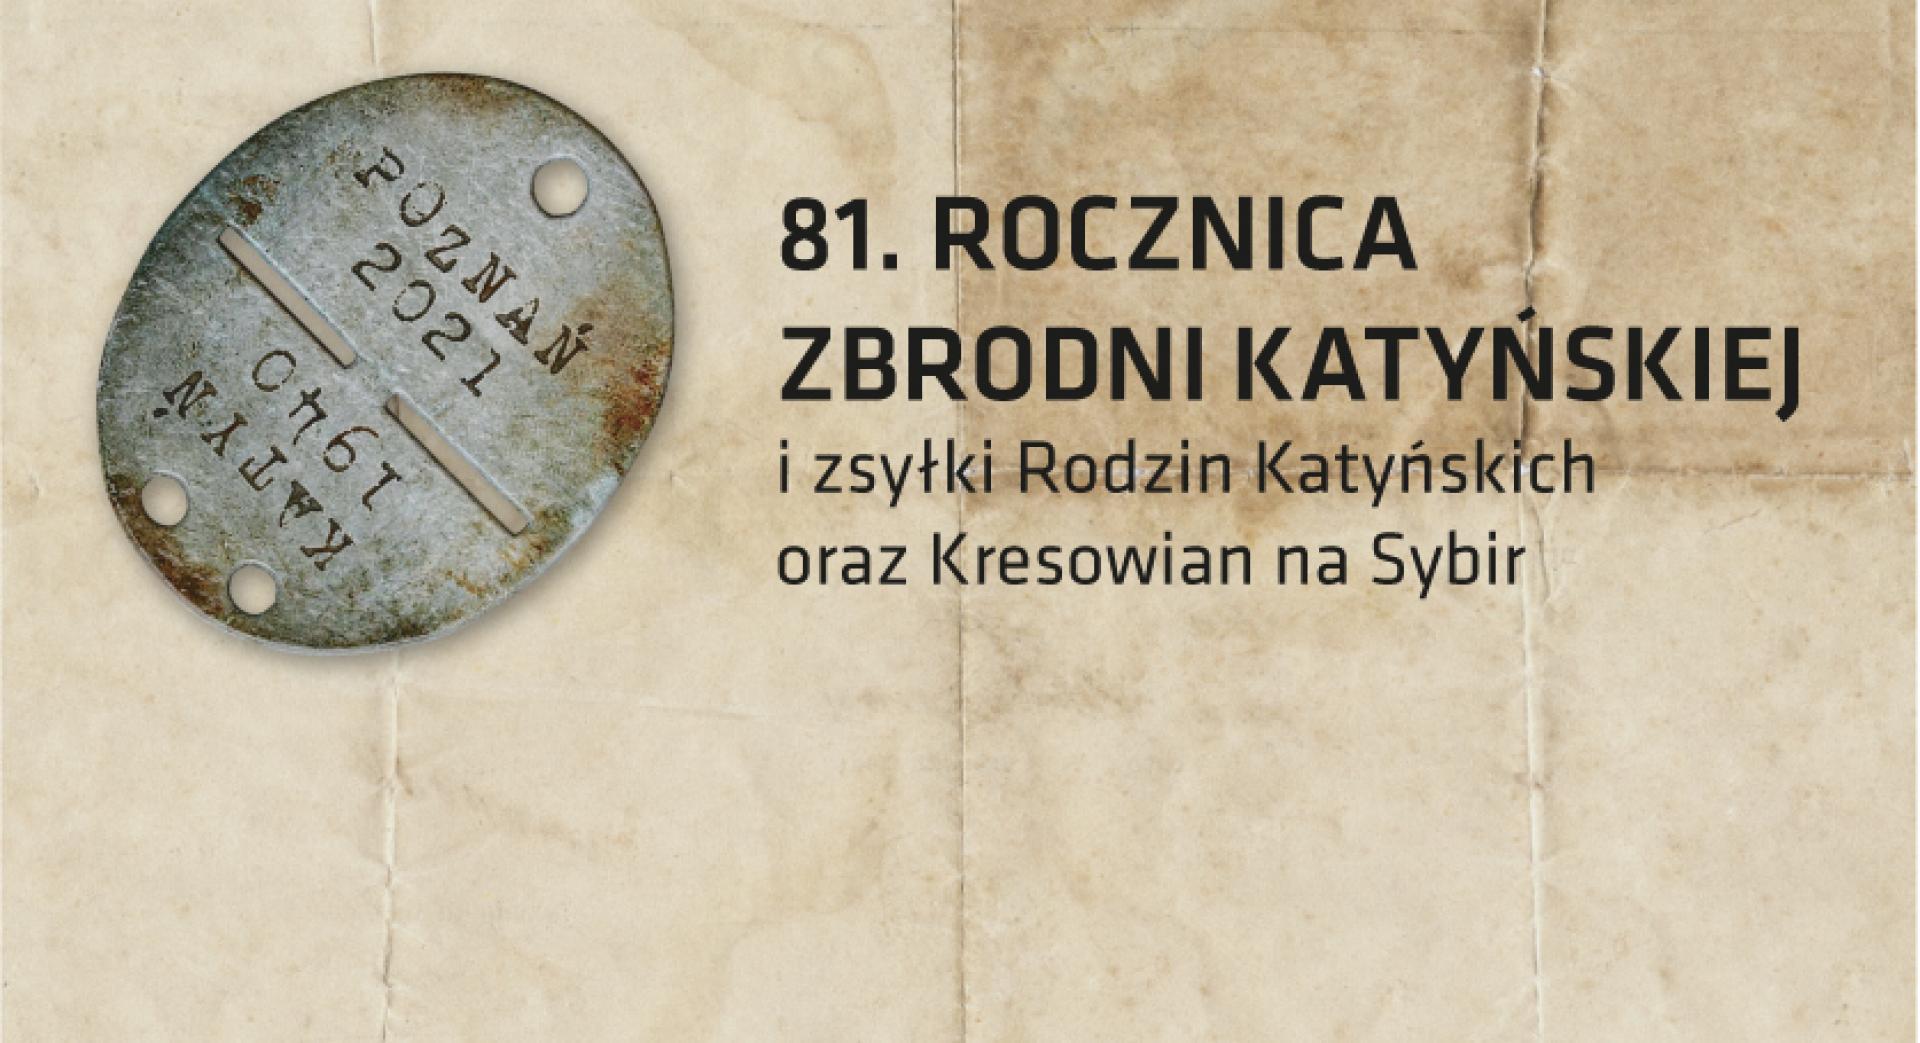 81. rocznica Zbrodni Katyńskiej  - zobacz więcej